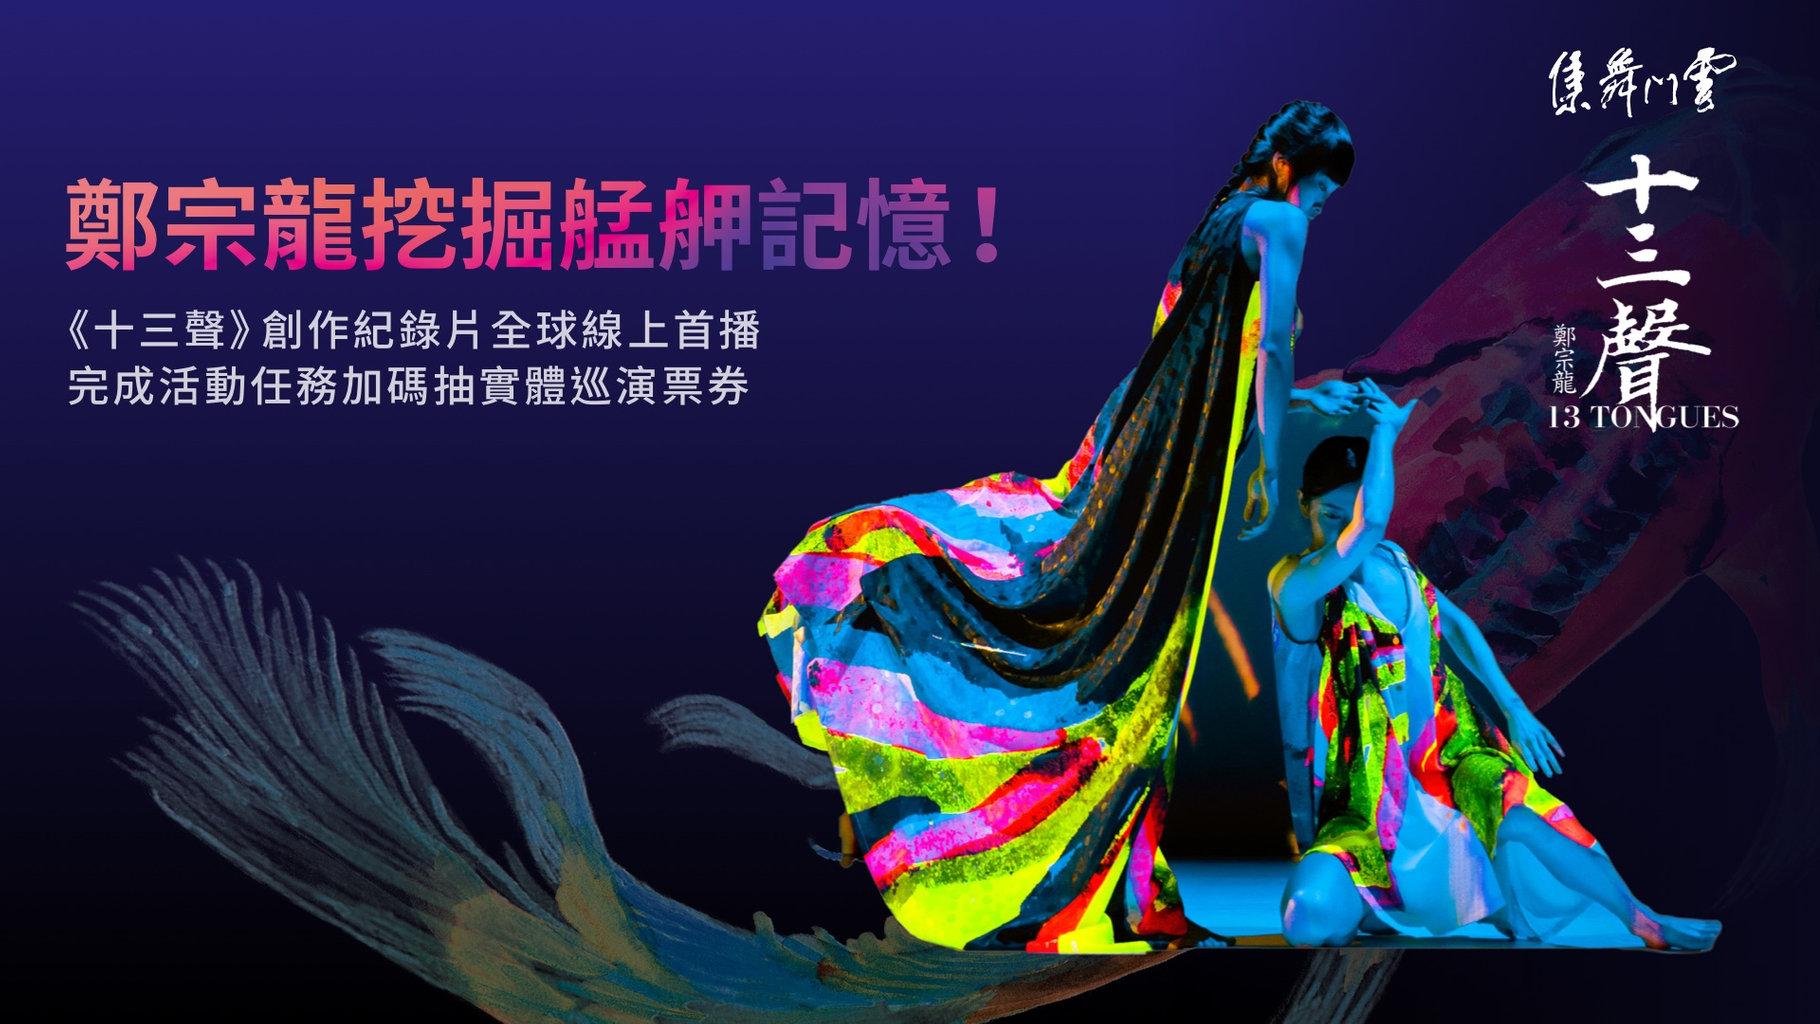 【雲門舞集】將艋舺化為舞作!《十三聲》創作溯源帶你感受肢體、圖像、色彩,完成任務加碼再抽巡演實體票券!